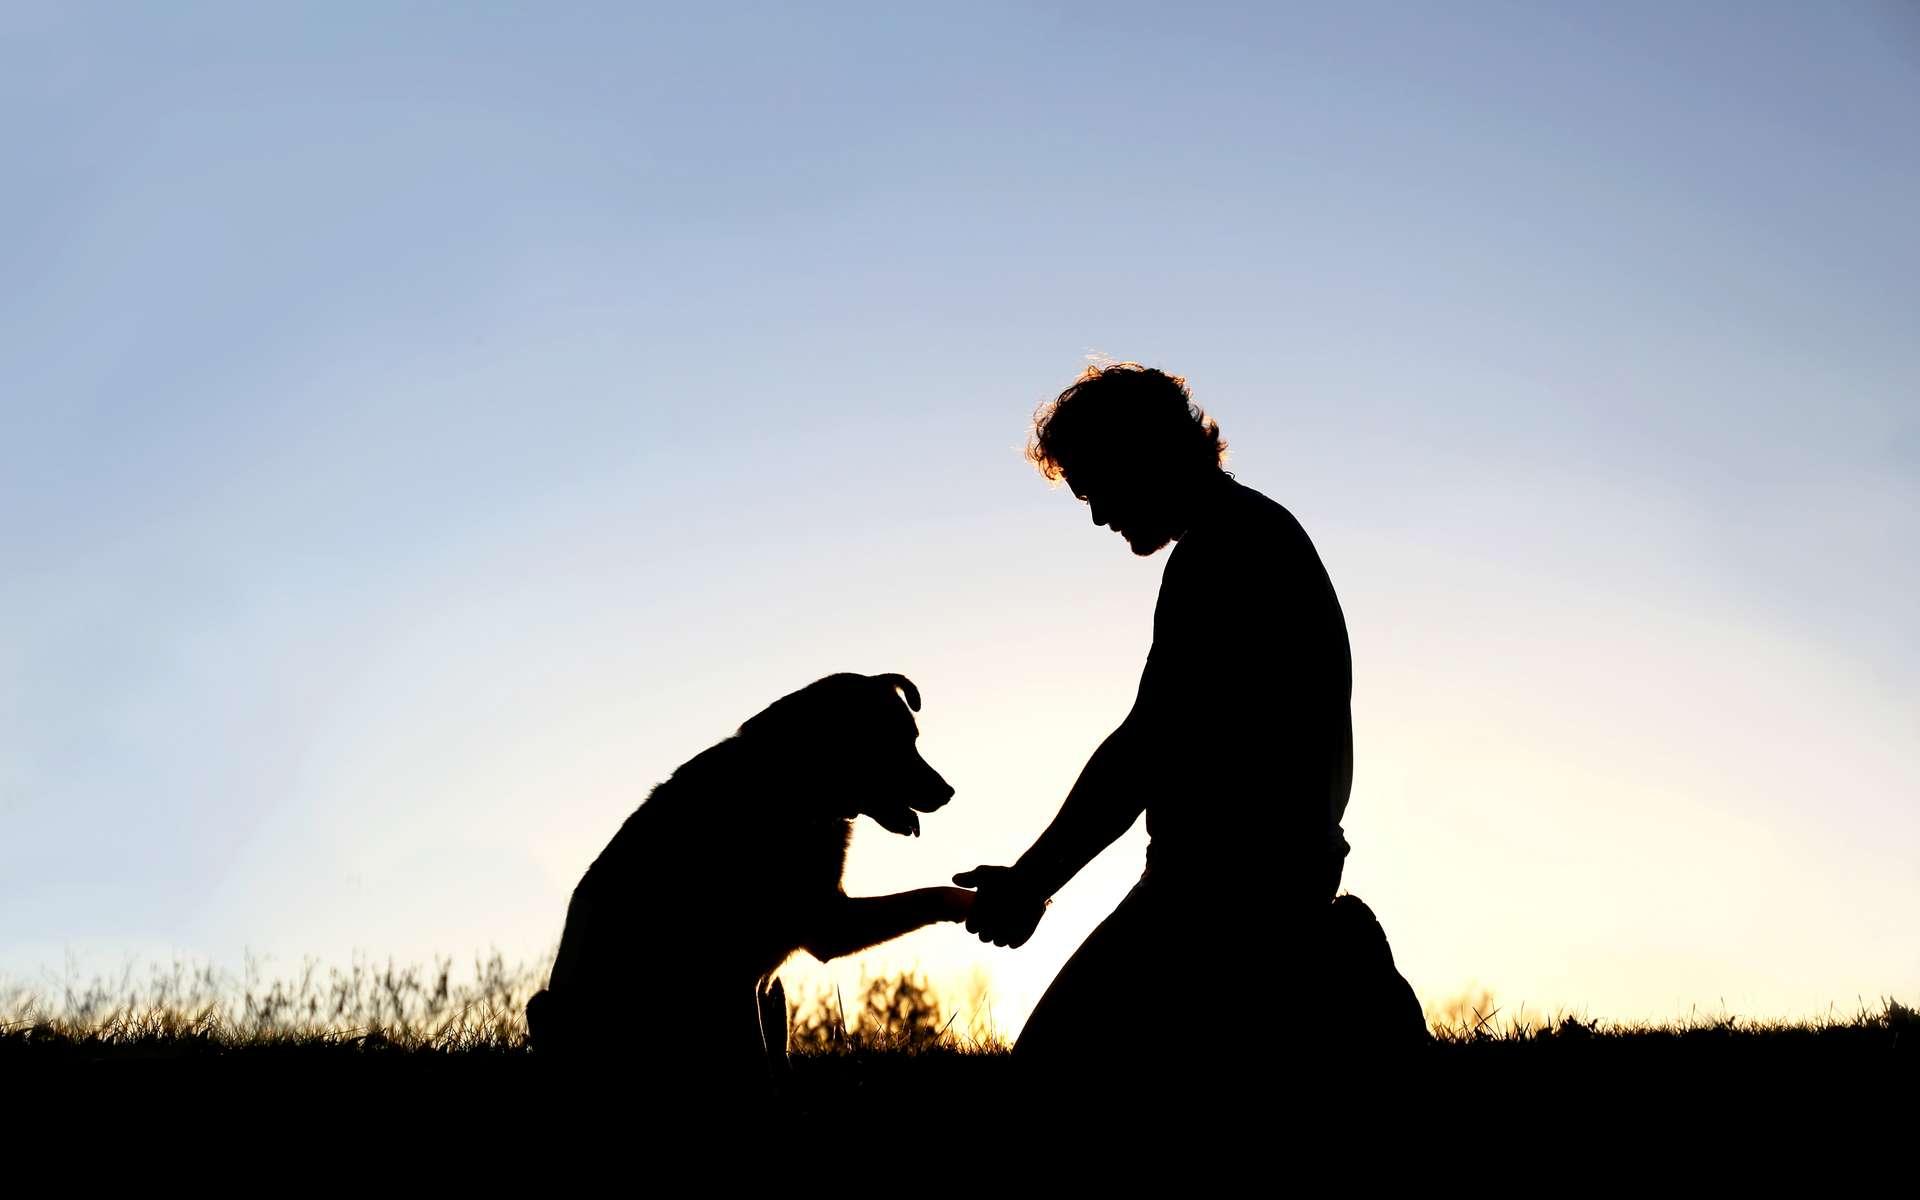 L'histoire humaine est depuis longtemps étroitement liée à celle du chien, ce qui permet de reconstruire les migrations et cultures de l'Homme au cours de plusieurs milliers d'années. © Christin Lola, Adobe Stock